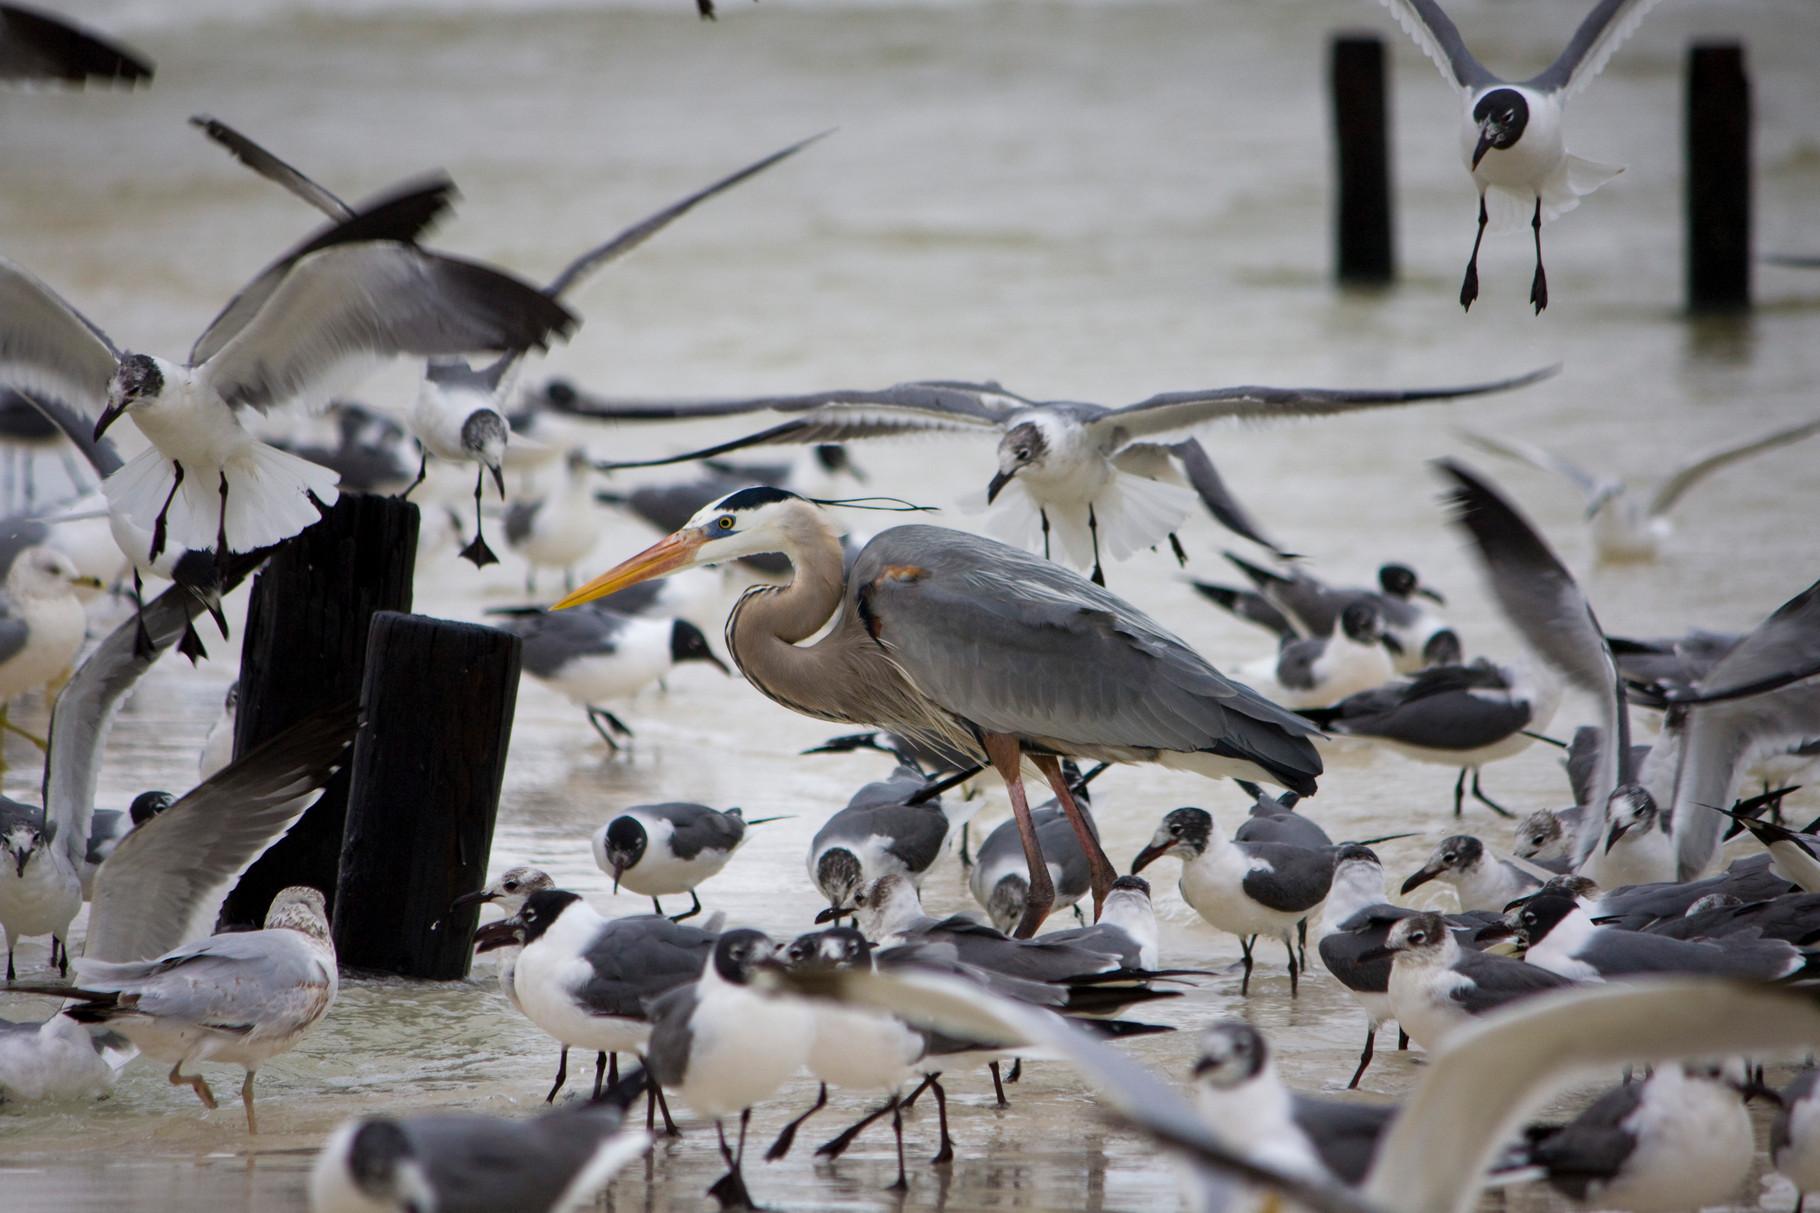 03_Möwen (gulls) umringen einen Graureiher (great blue heron) in Fort Walton Beach in Florida